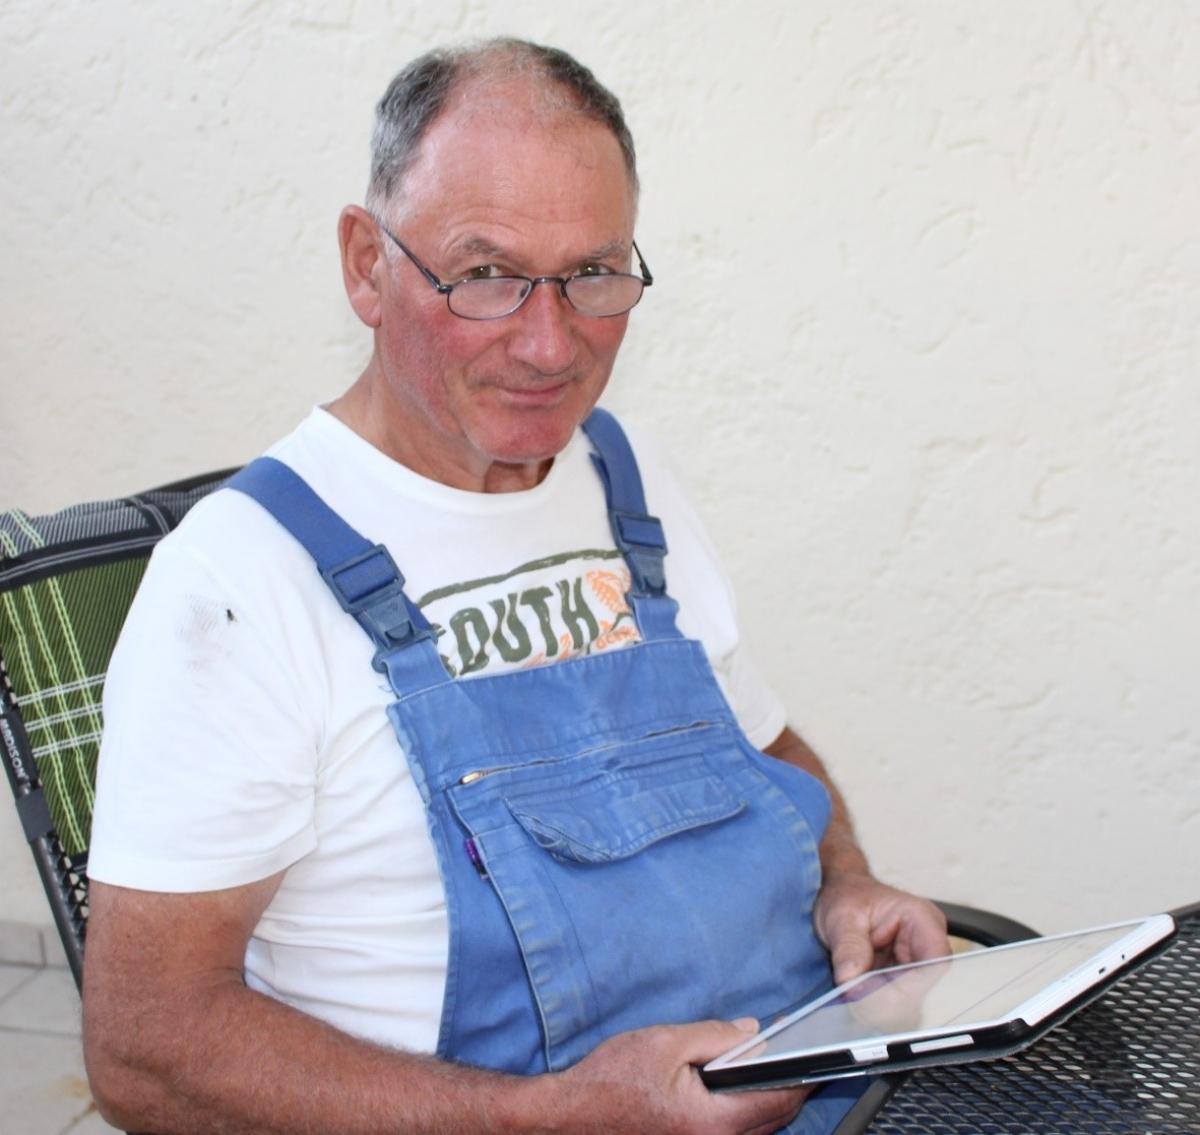 Felix Hagenauer sen. aus Reit informiert sich auf seinem Tablet über aktuelle Entwicklungen. Schmunzelnd erzählt er, dass er 1998 der erste Milchbauer in Saaldorf-Surheim war, der auf Bio umgestellt hat und dafür ziemlich belächelt wurde.